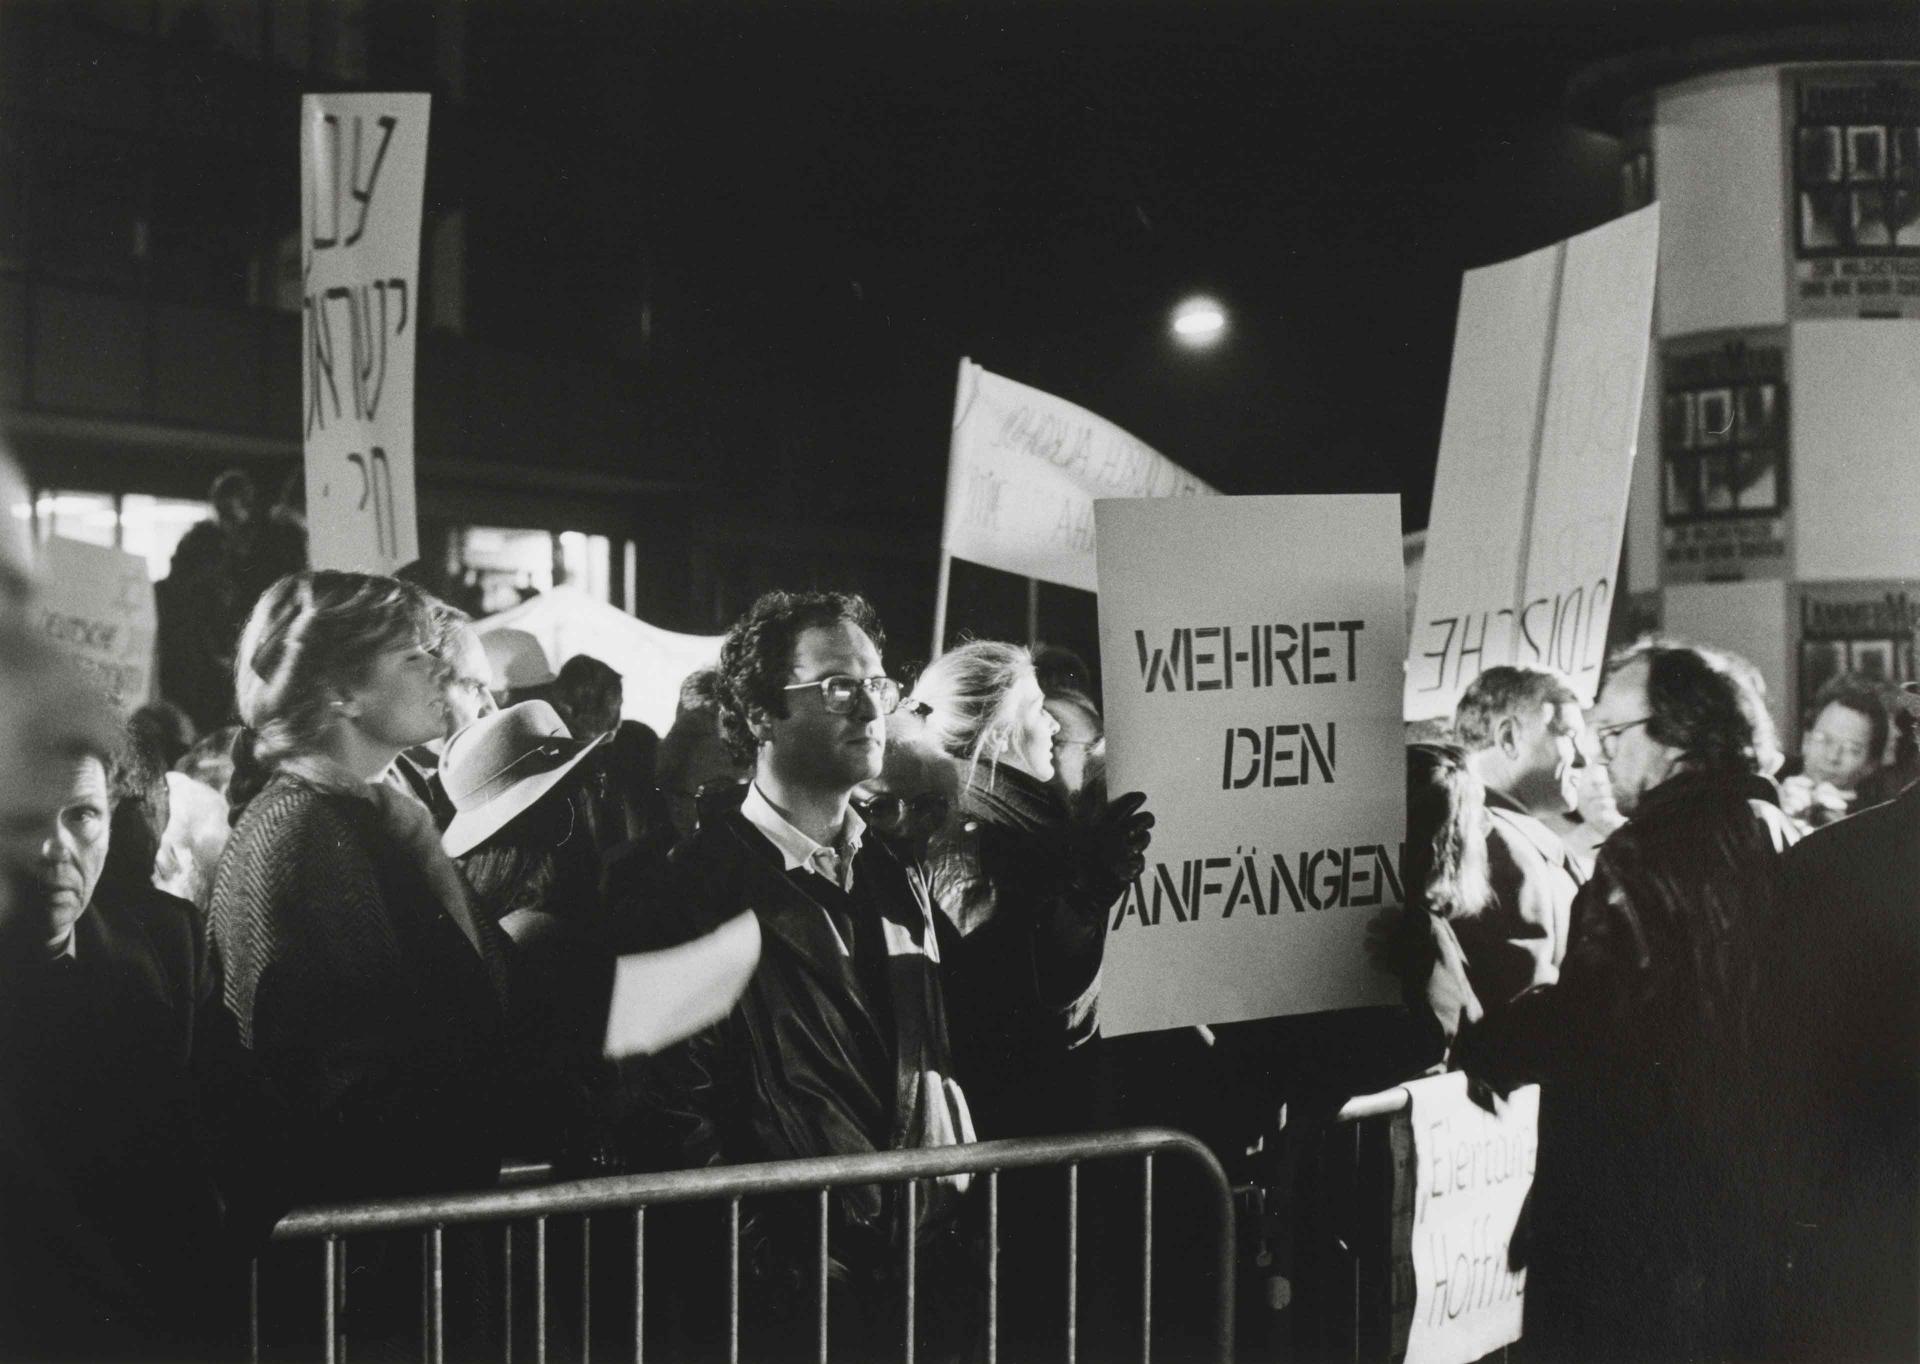 """Schwarz-Weiß-Fotografie von Protestierenden mit Plakaten mit Aufschriften wie """"Wehret den Anfängen"""""""